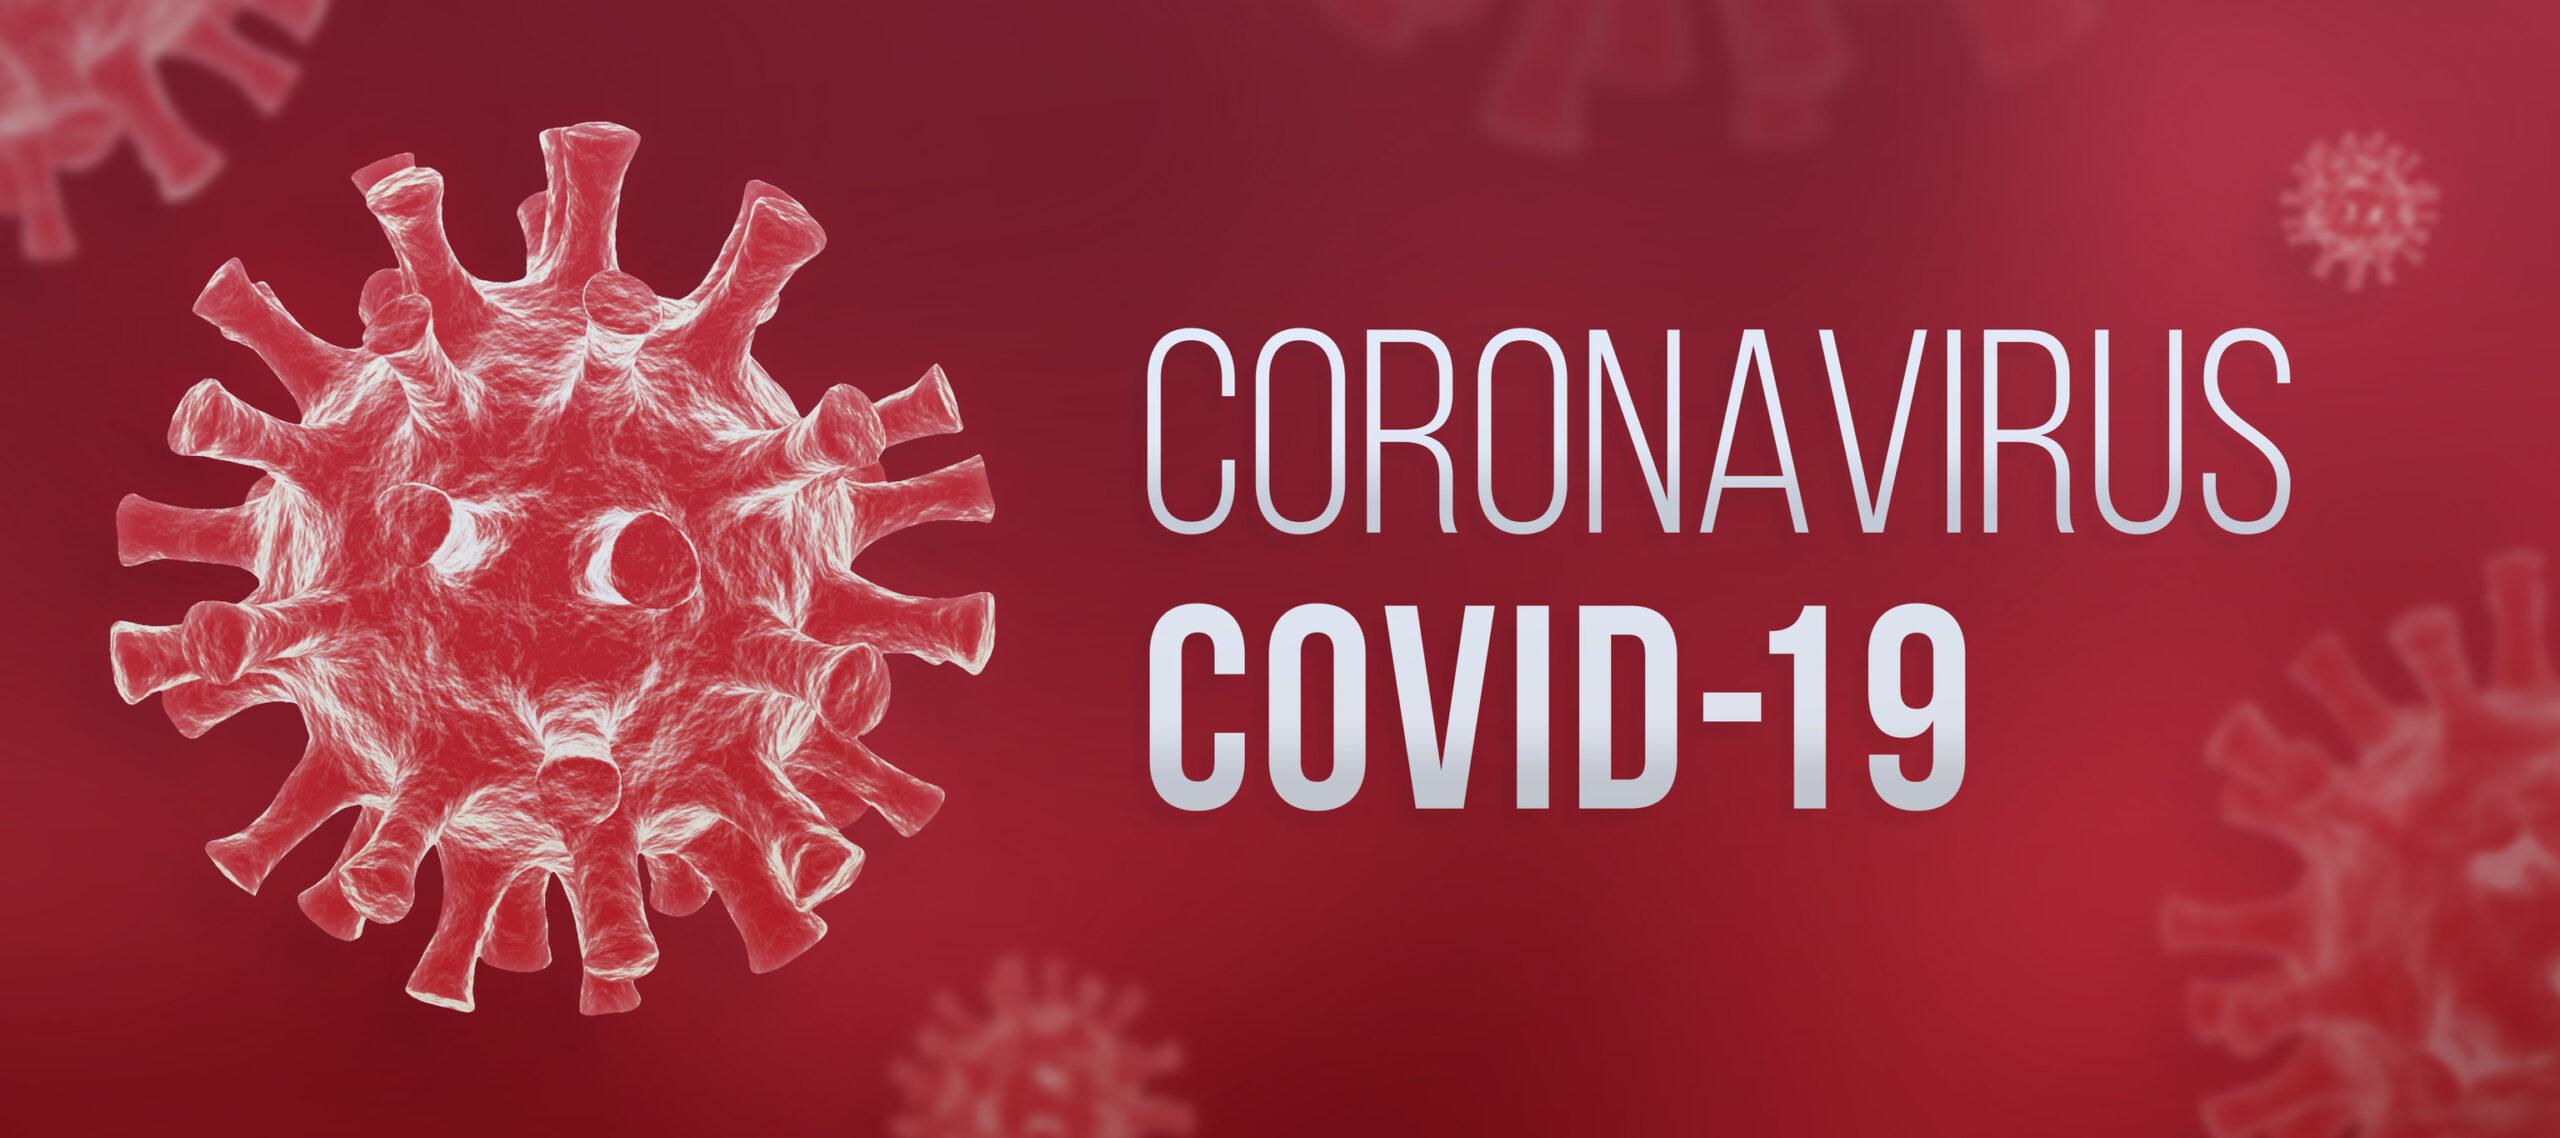 Coronavirus COVID-19 banner